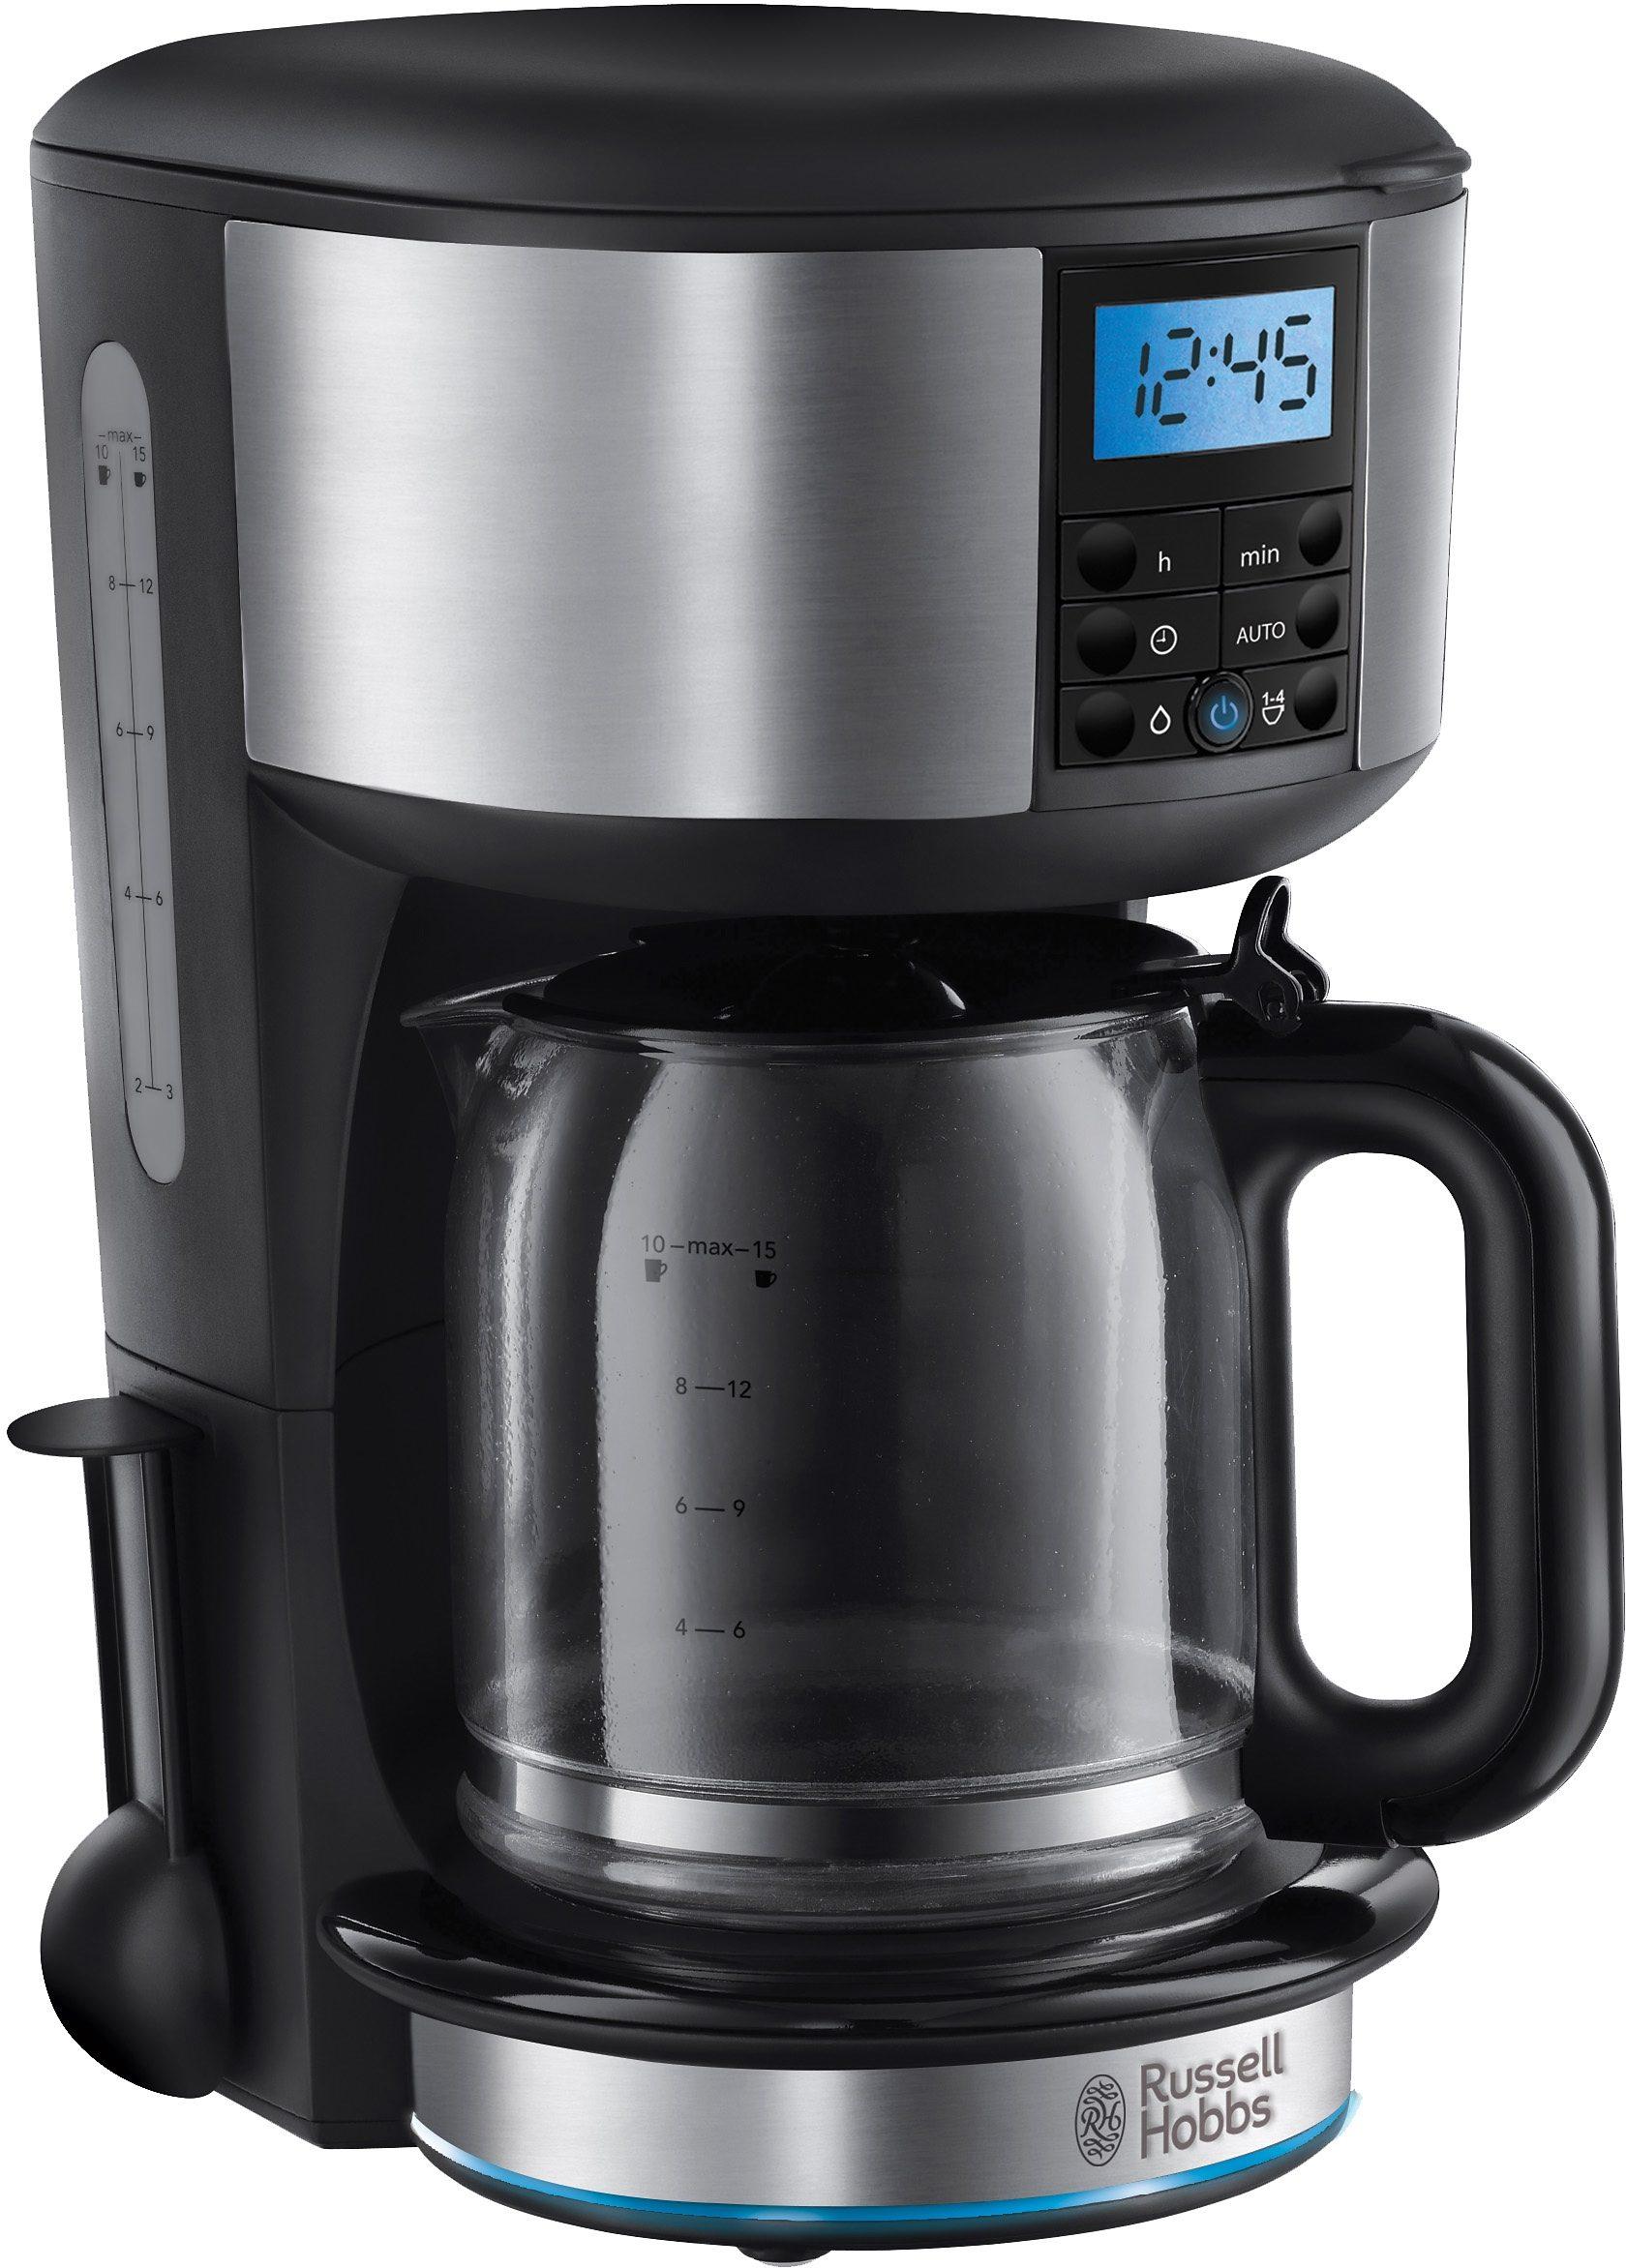 RUSSELL HOBBS Filterkaffeemaschine Buckingham 20680-56, 1,25l Kaffeekanne, 1x4